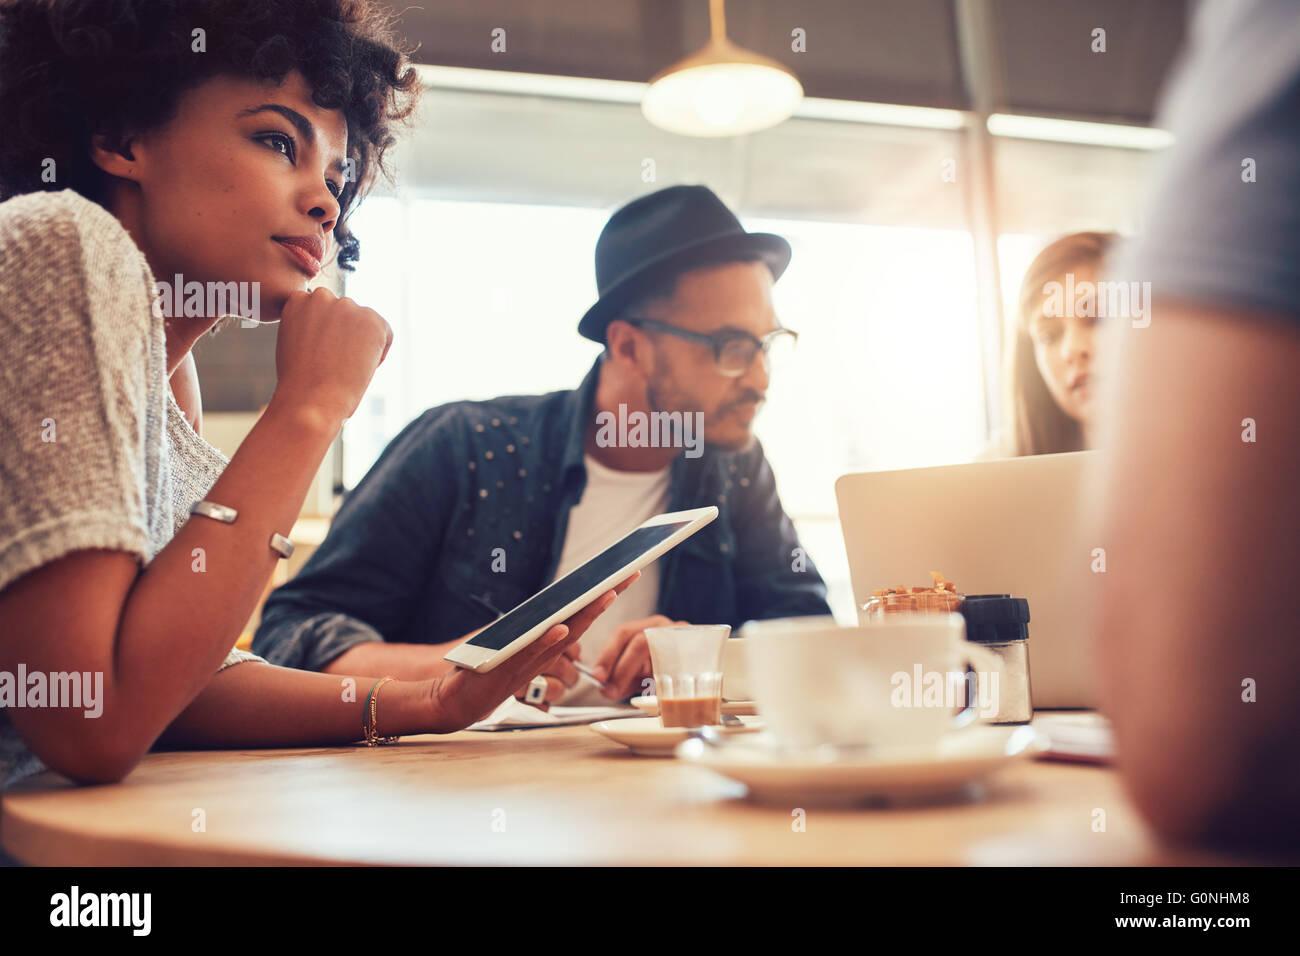 Close up ritratto di donna africana con tavoletta digitale e persone in background a un tavolo del bar. Giovani Immagini Stock